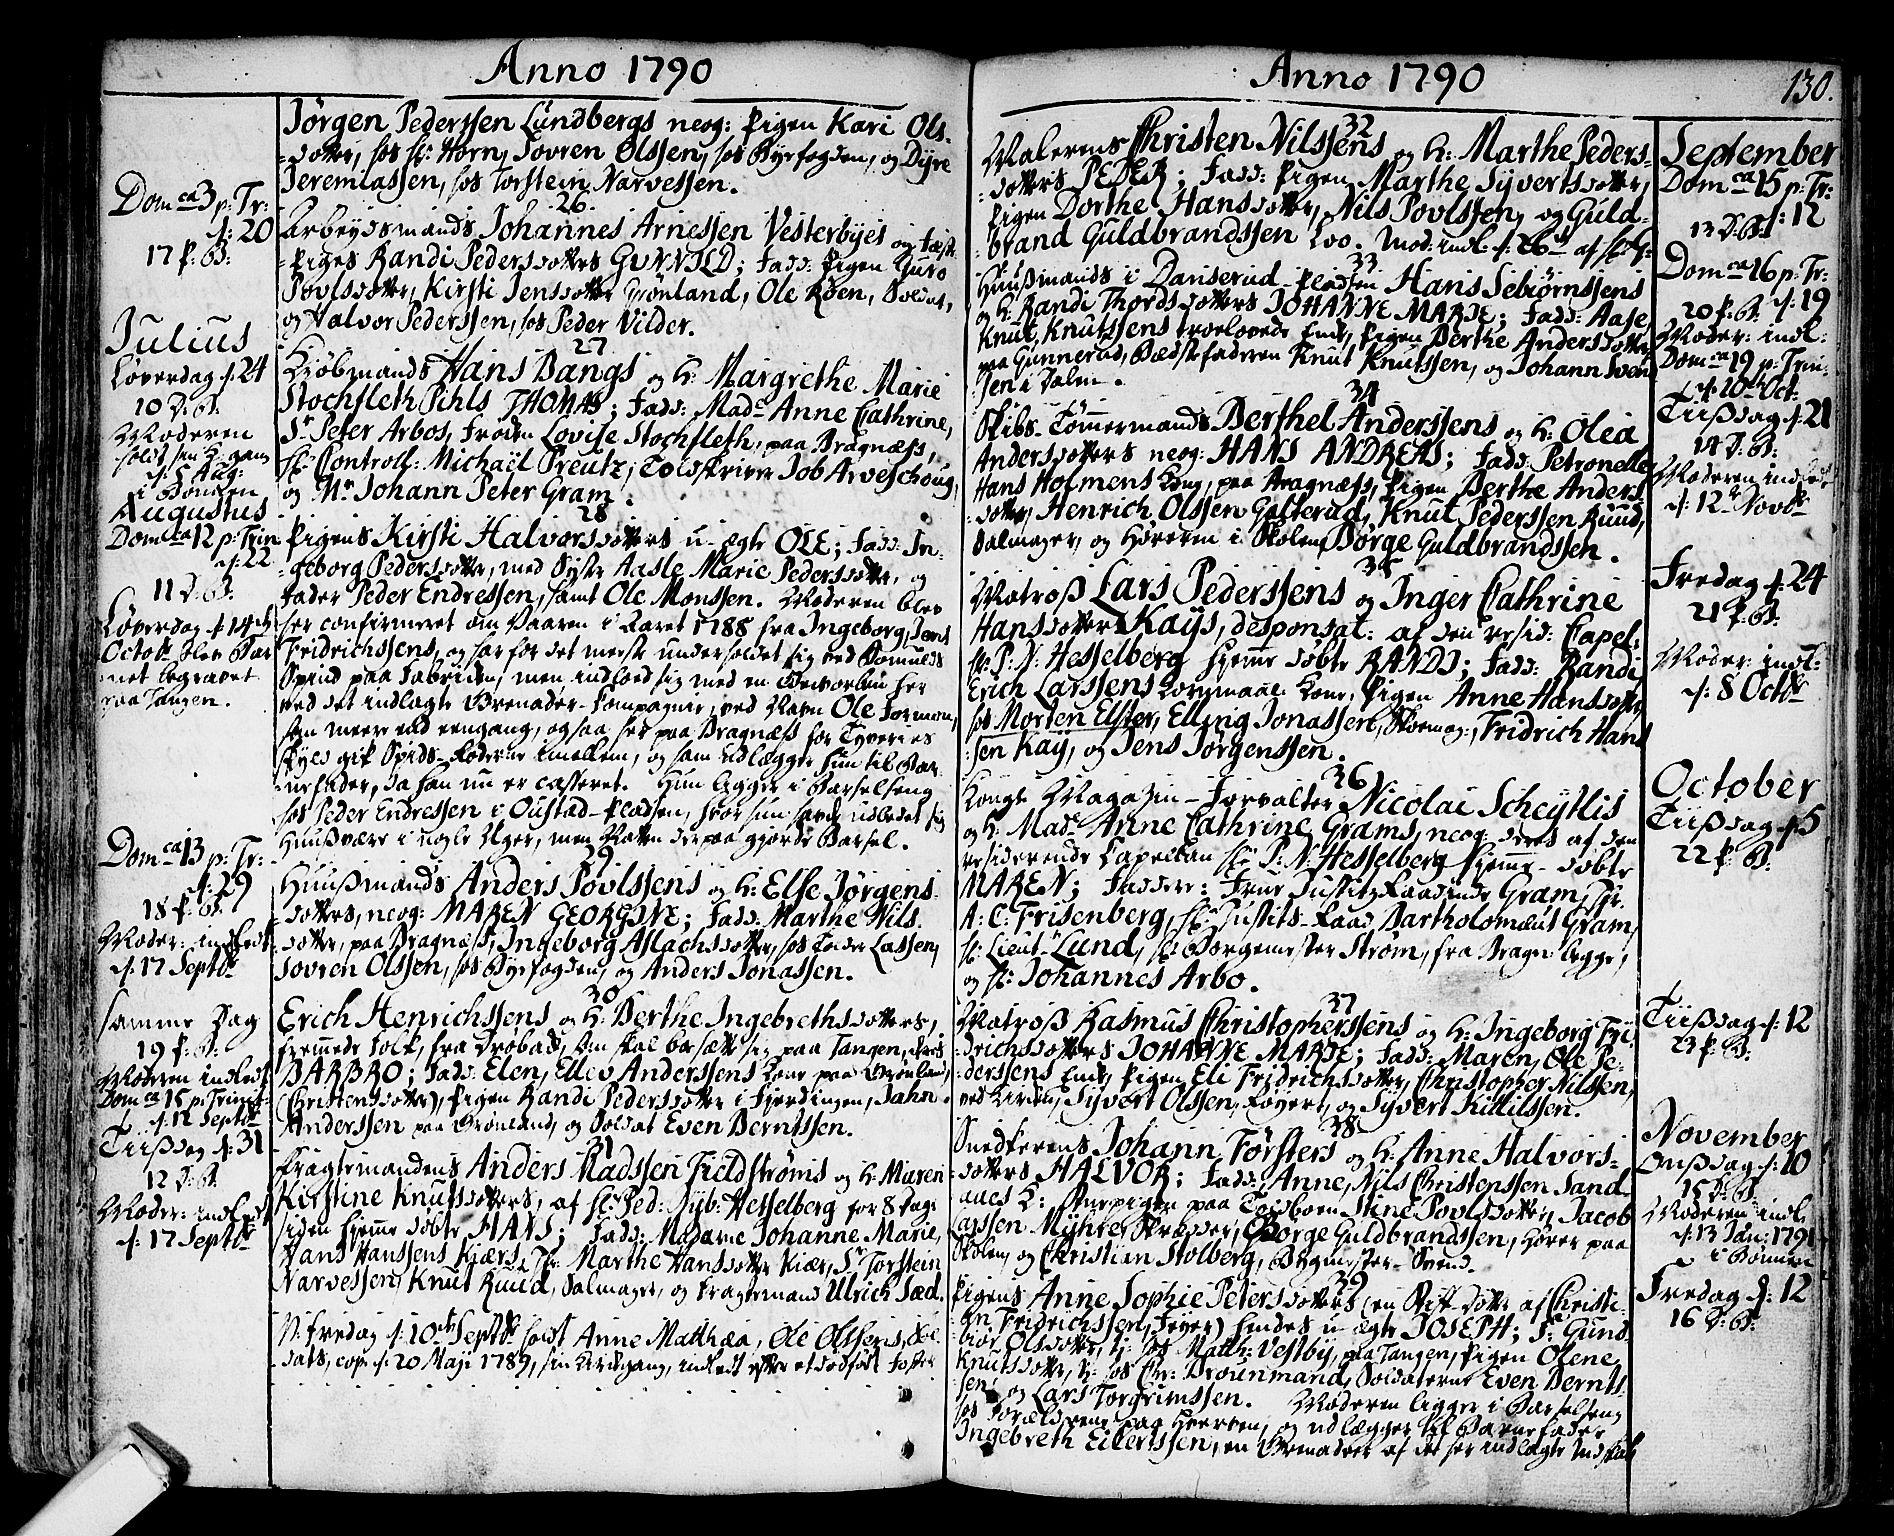 SAKO, Strømsø kirkebøker, F/Fa/L0009: Ministerialbok nr. I 9, 1752-1791, s. 130